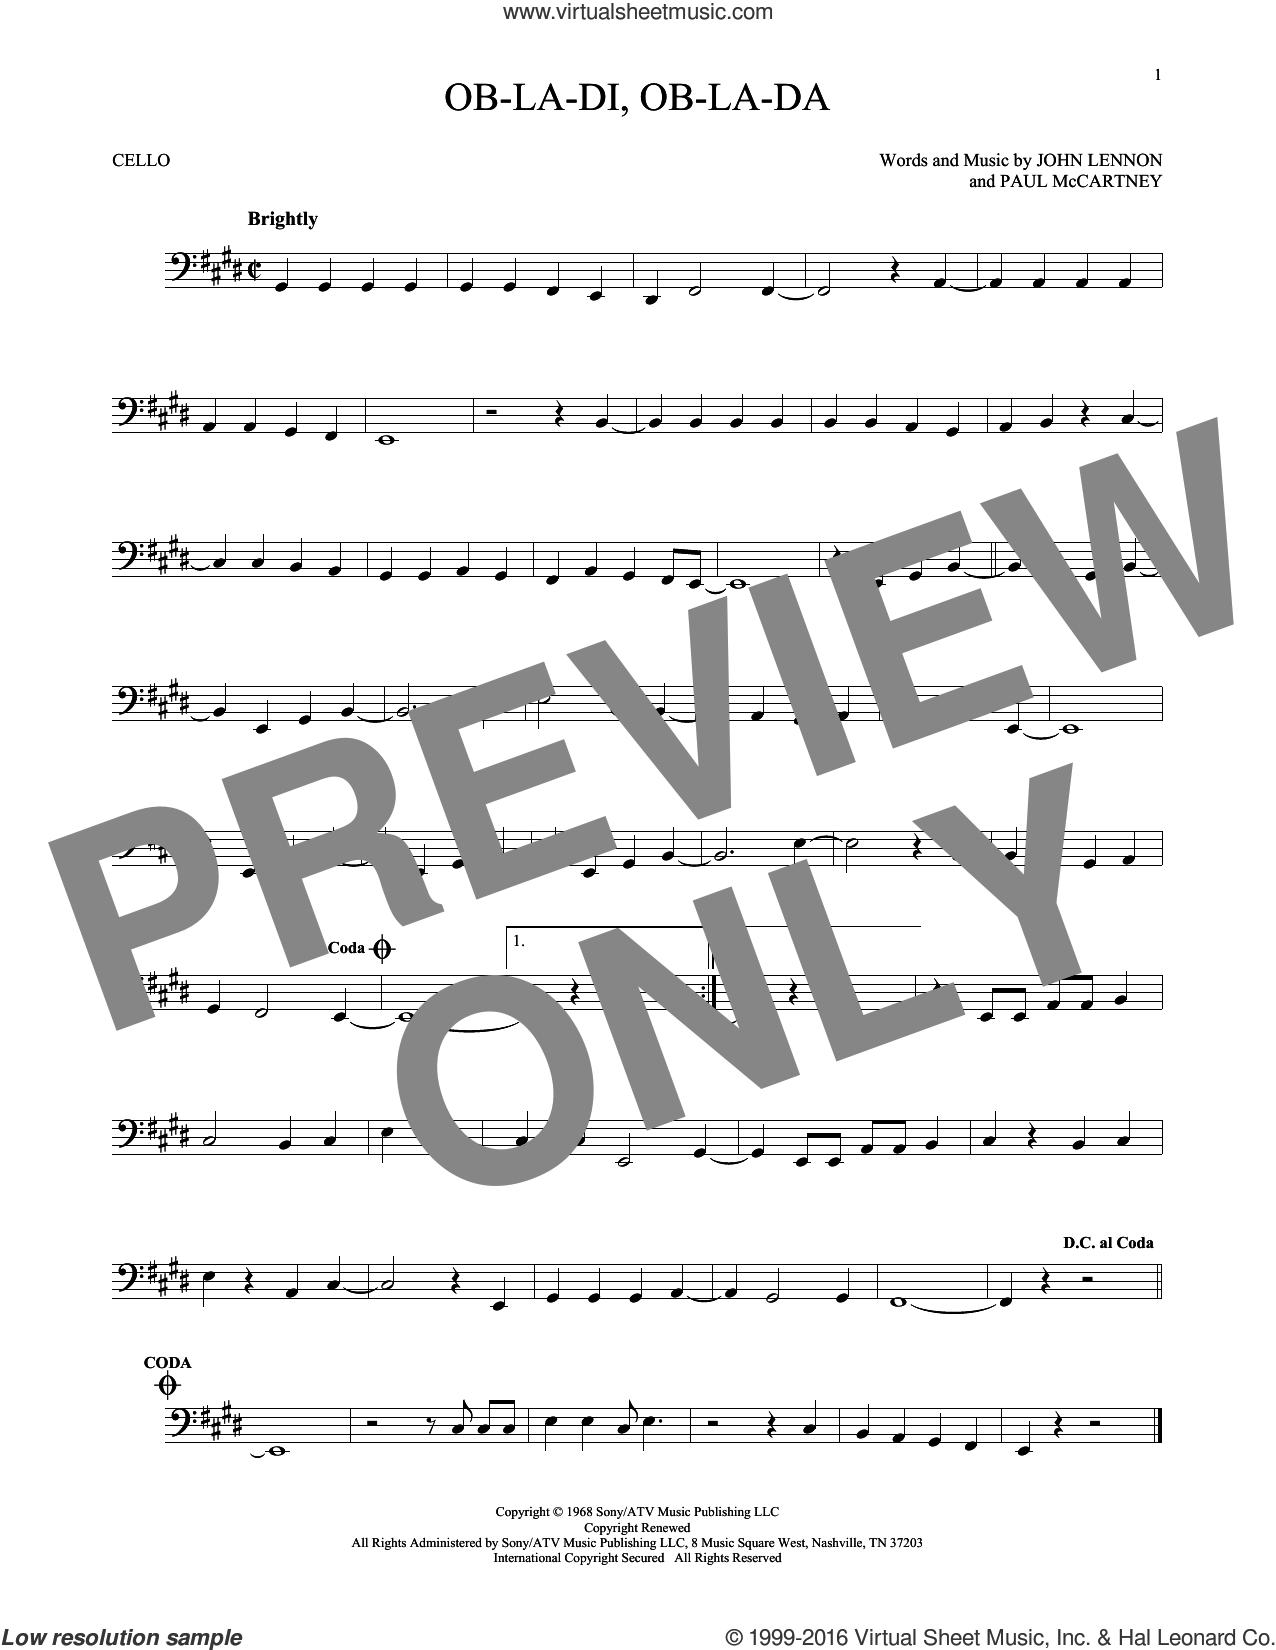 Ob-La-Di, Ob-La-Da sheet music for cello solo by The Beatles, John Lennon and Paul McCartney, intermediate skill level